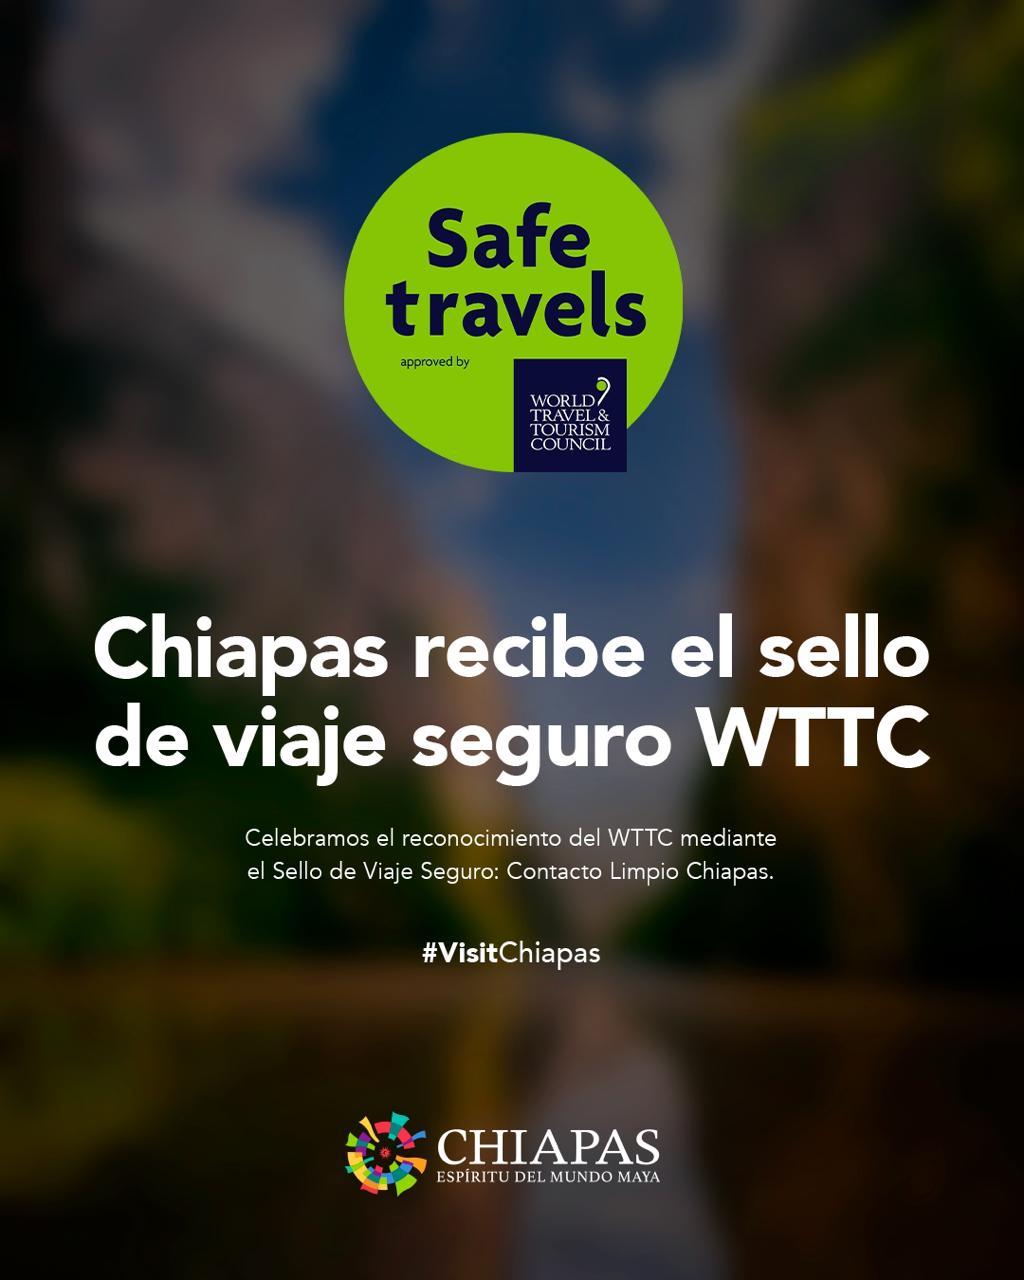 CHIAPAS SELLO VIAJE SEGURO WTTC 01